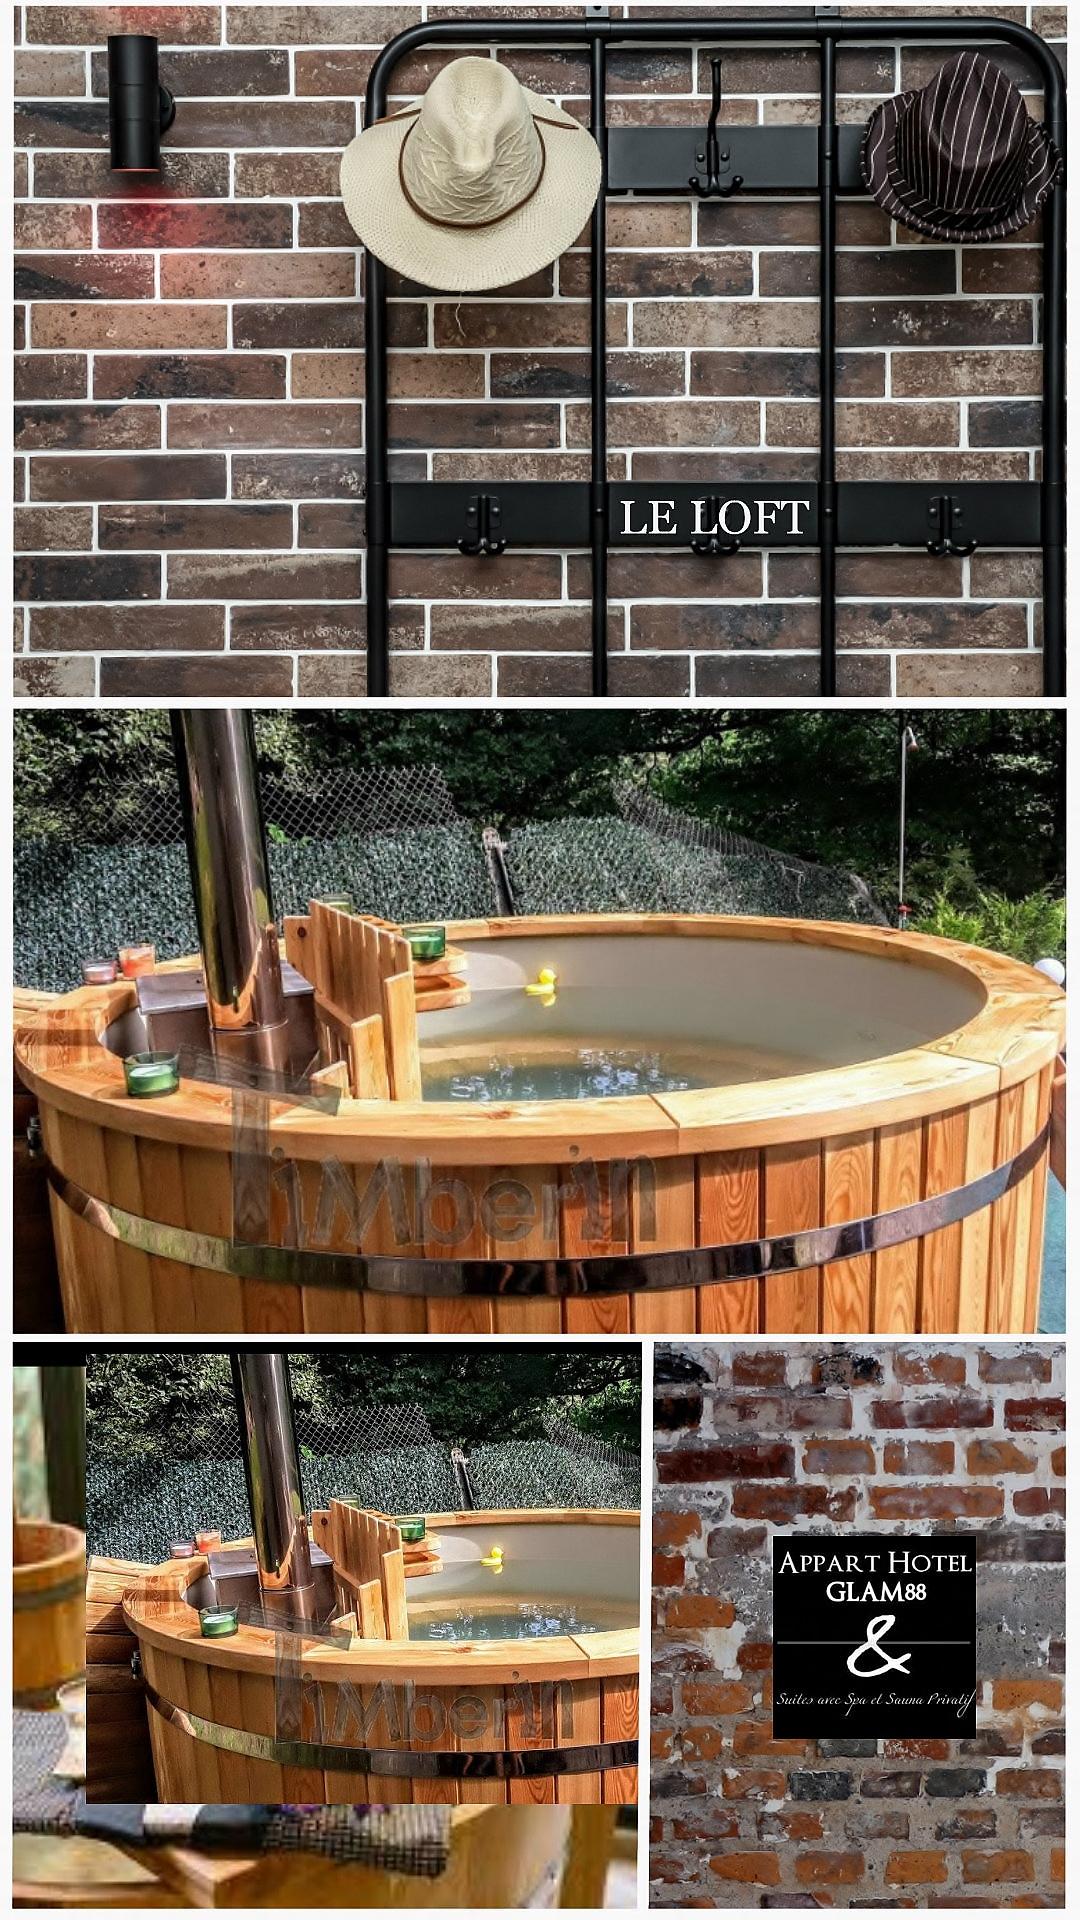 bain nordique - location saisonniere alsace vosges